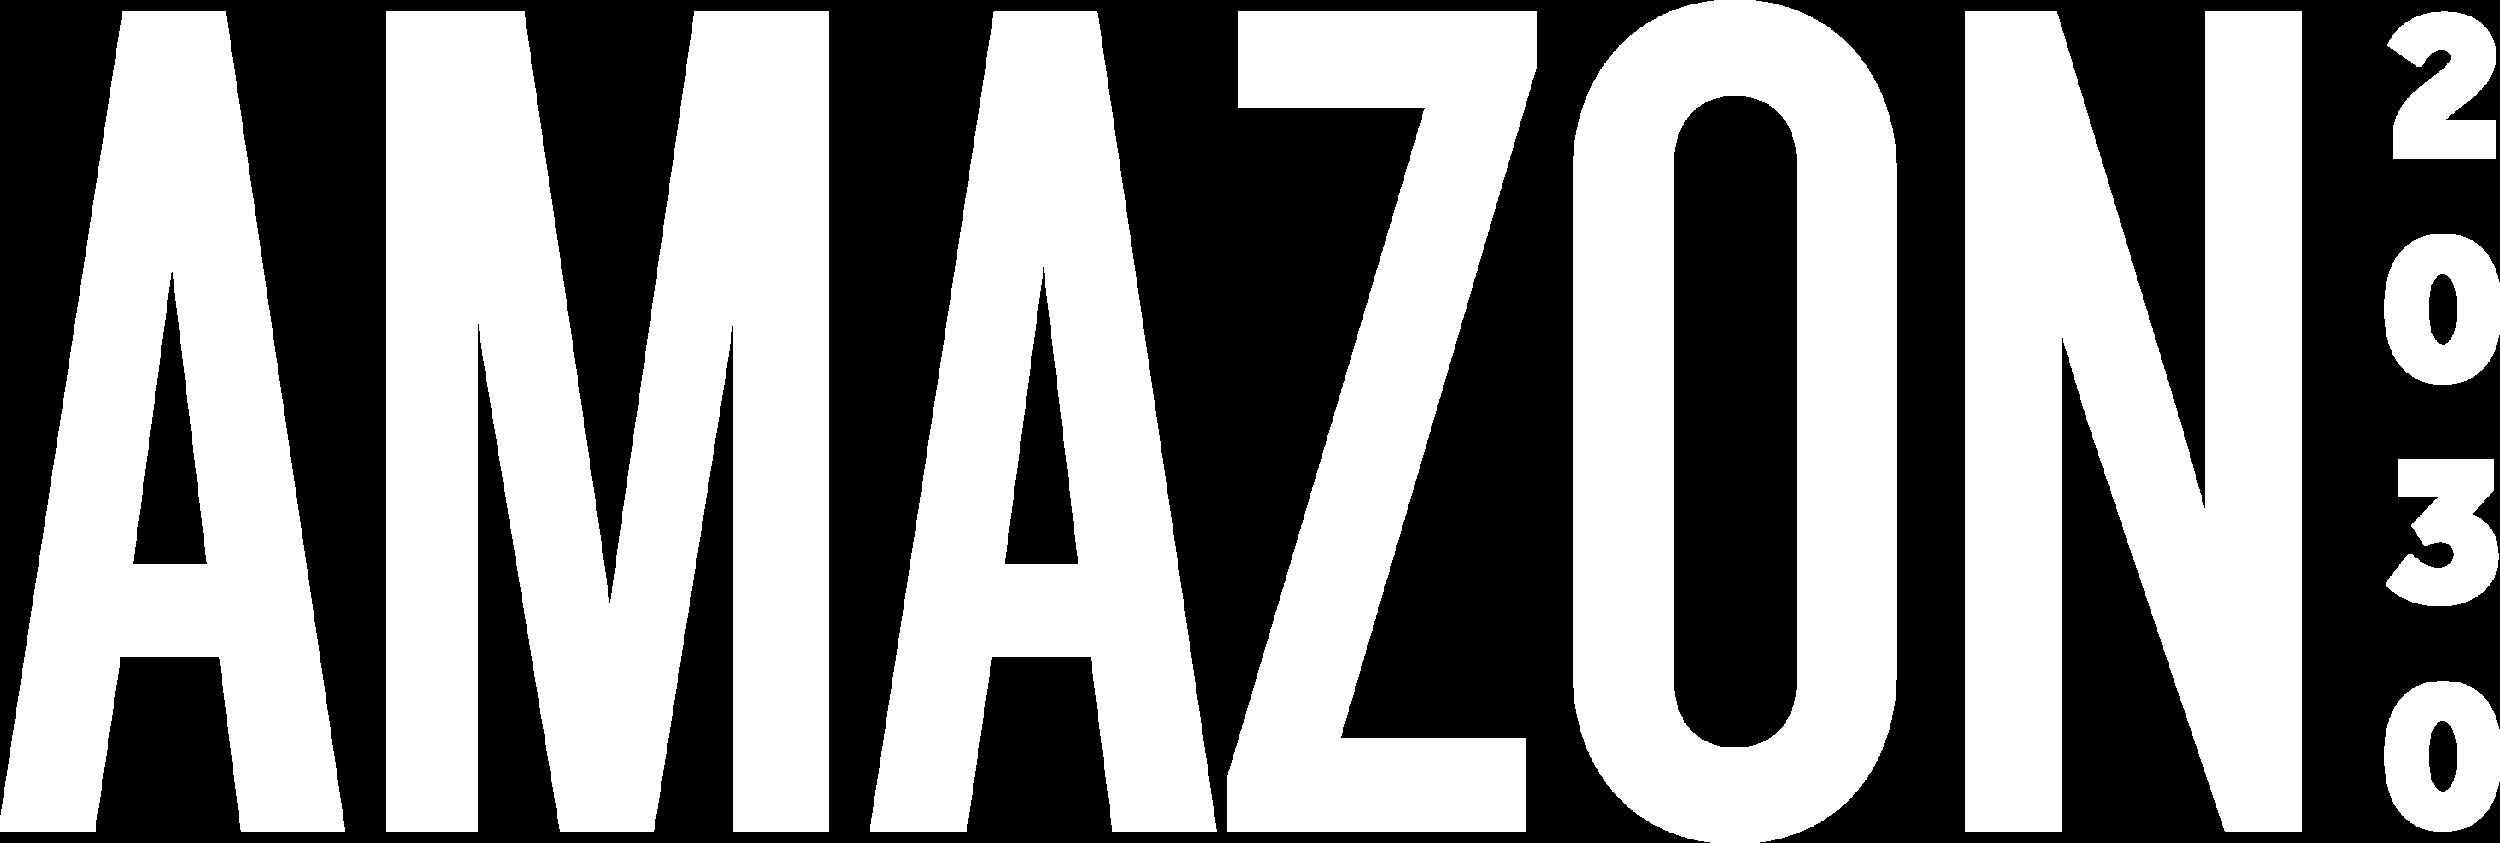 amazon2030_3.png